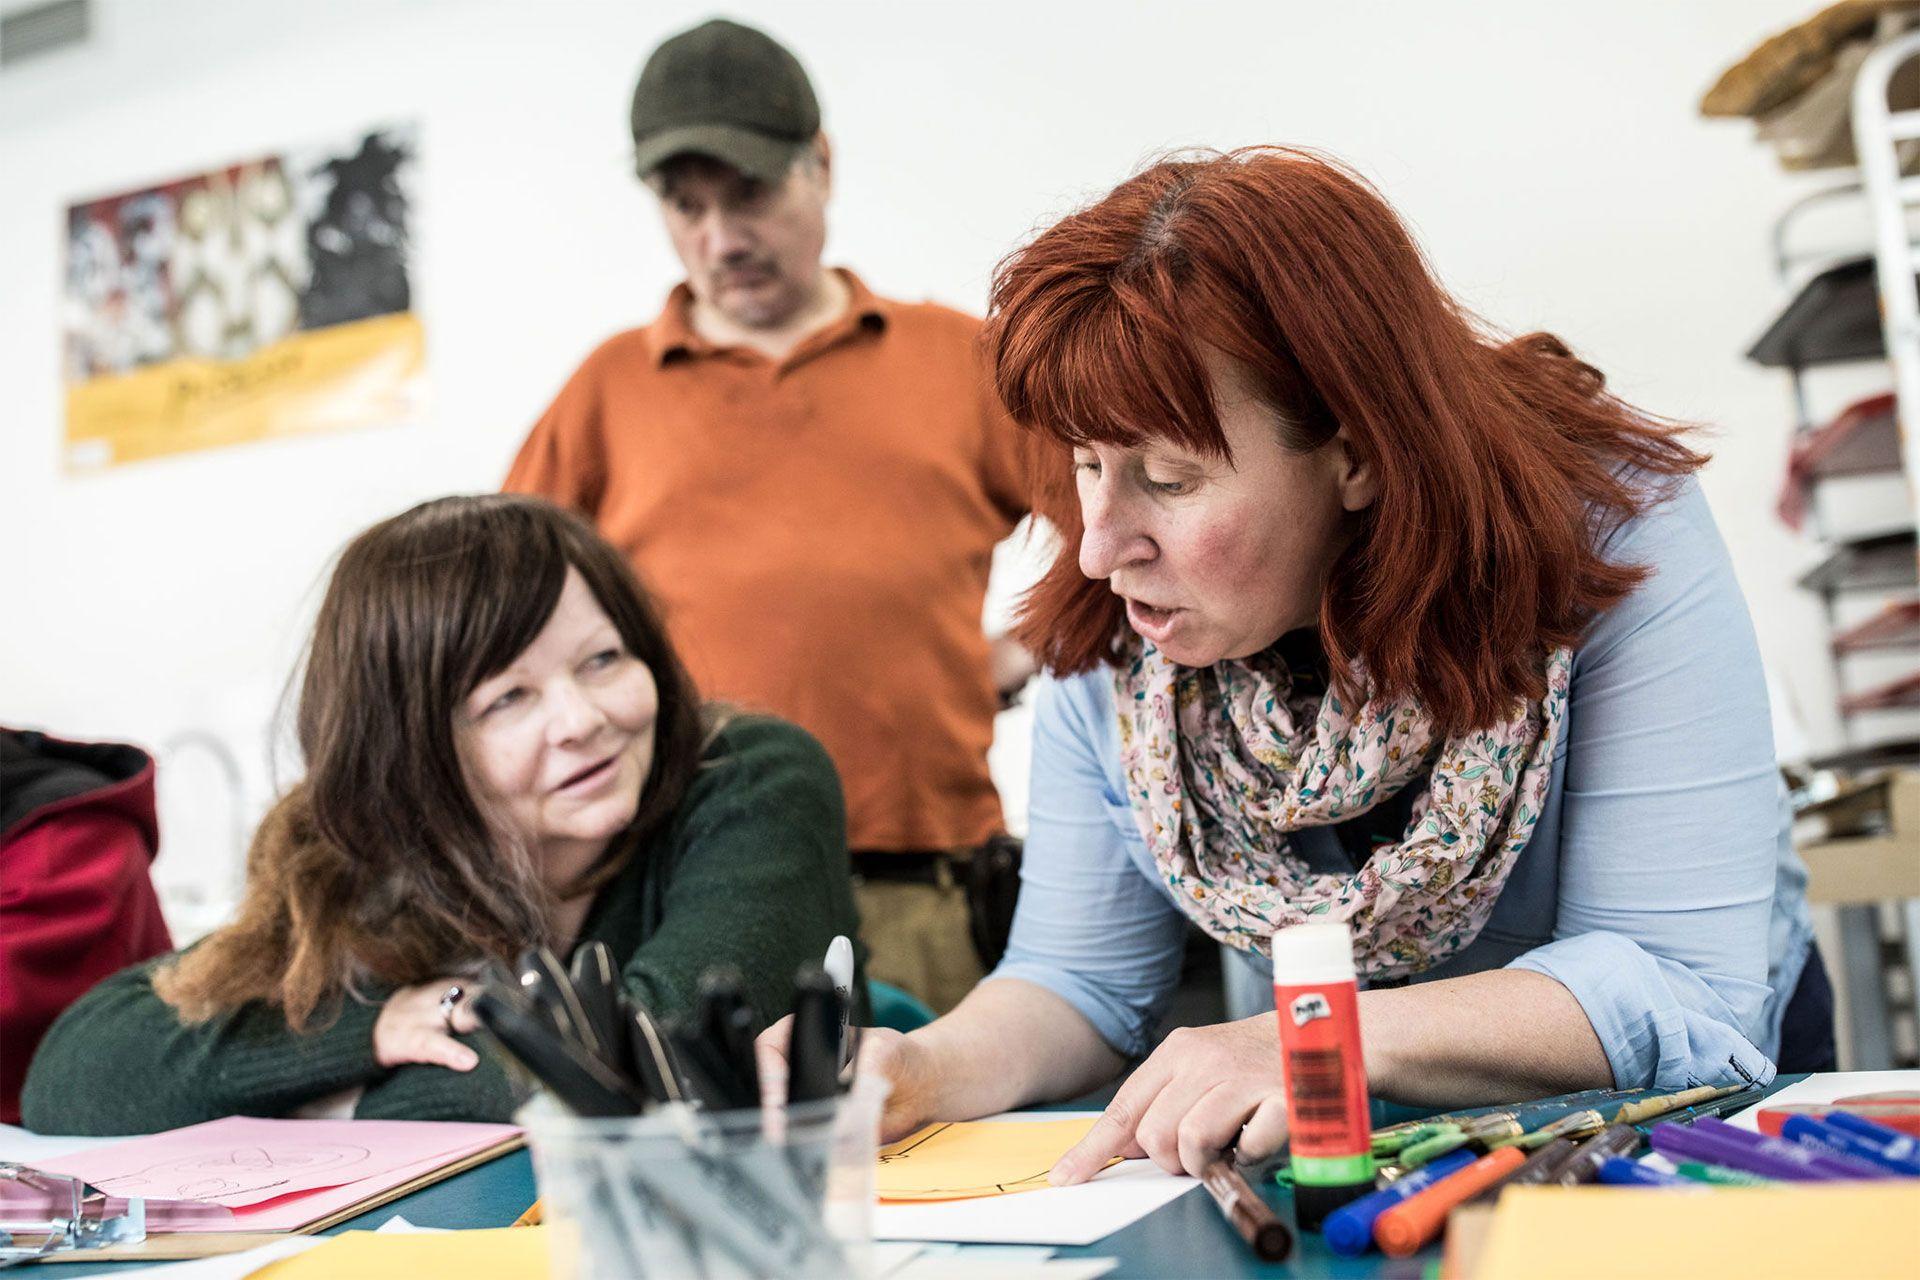 Une médiatrice du Musée aide une femme à dessiner. Photo © Mikaël Theimer (MKL)